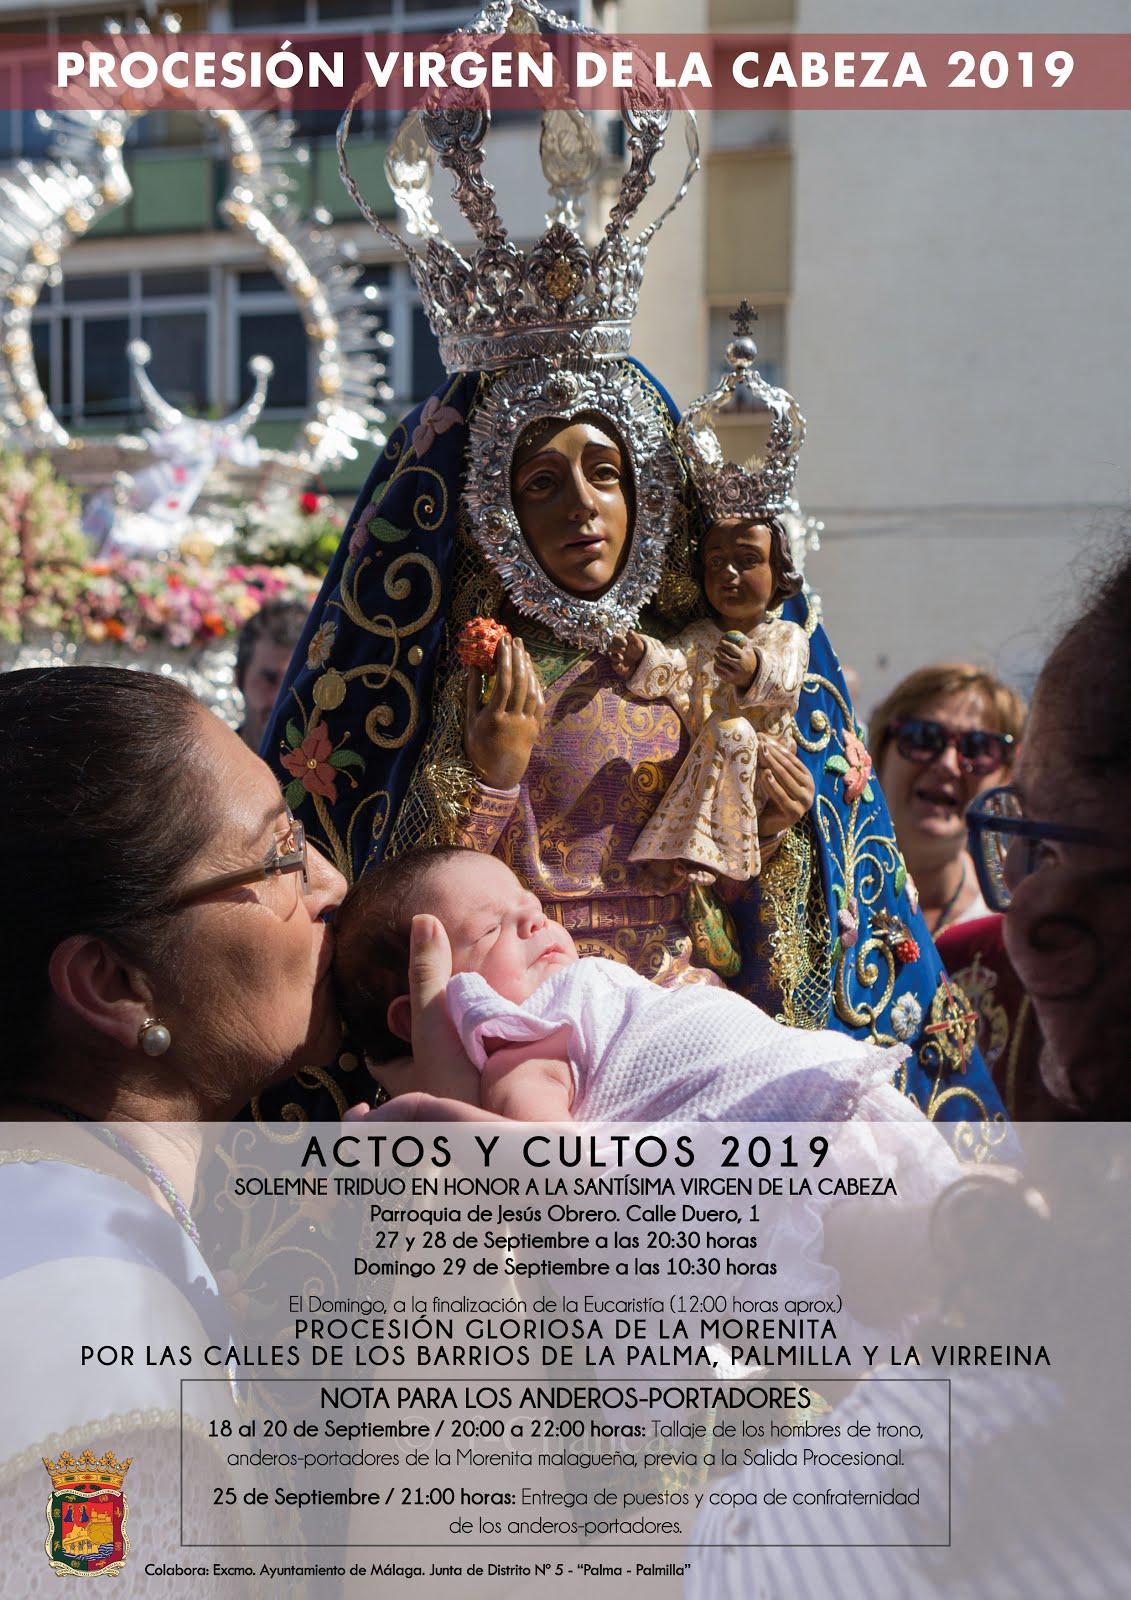 Detalle Cultos y Actos PROCESIÓN 2019